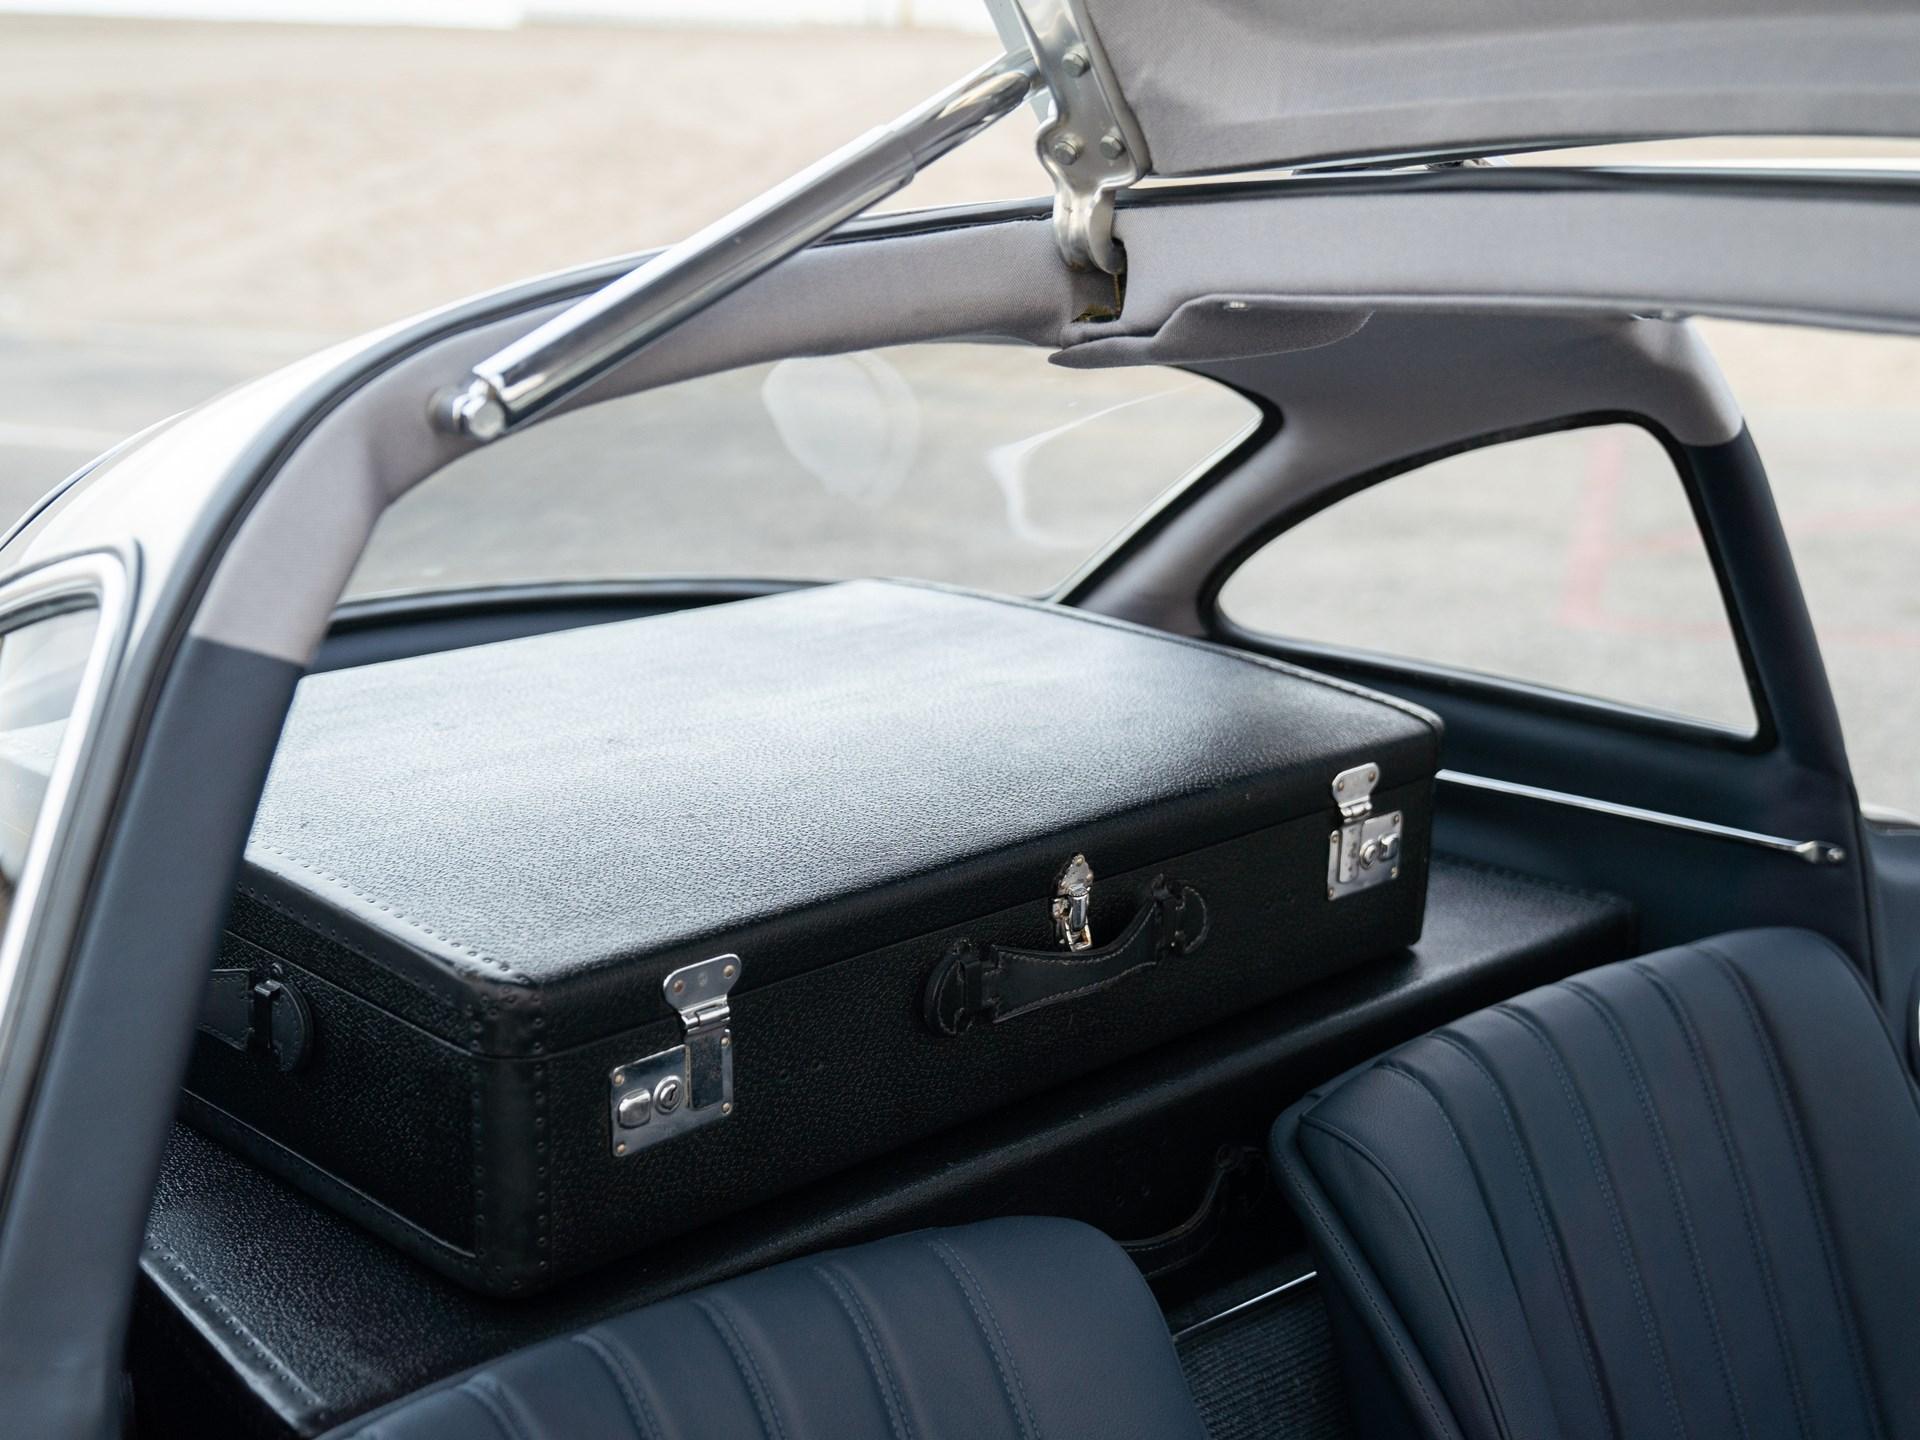 1955 Mercedes-Benz 300 SL Gullwing luggage rack